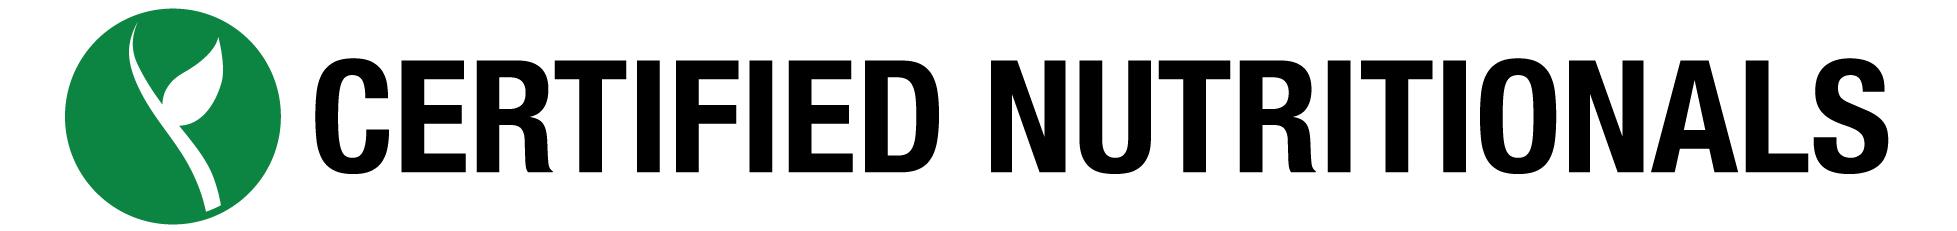 Certified Nutritionals